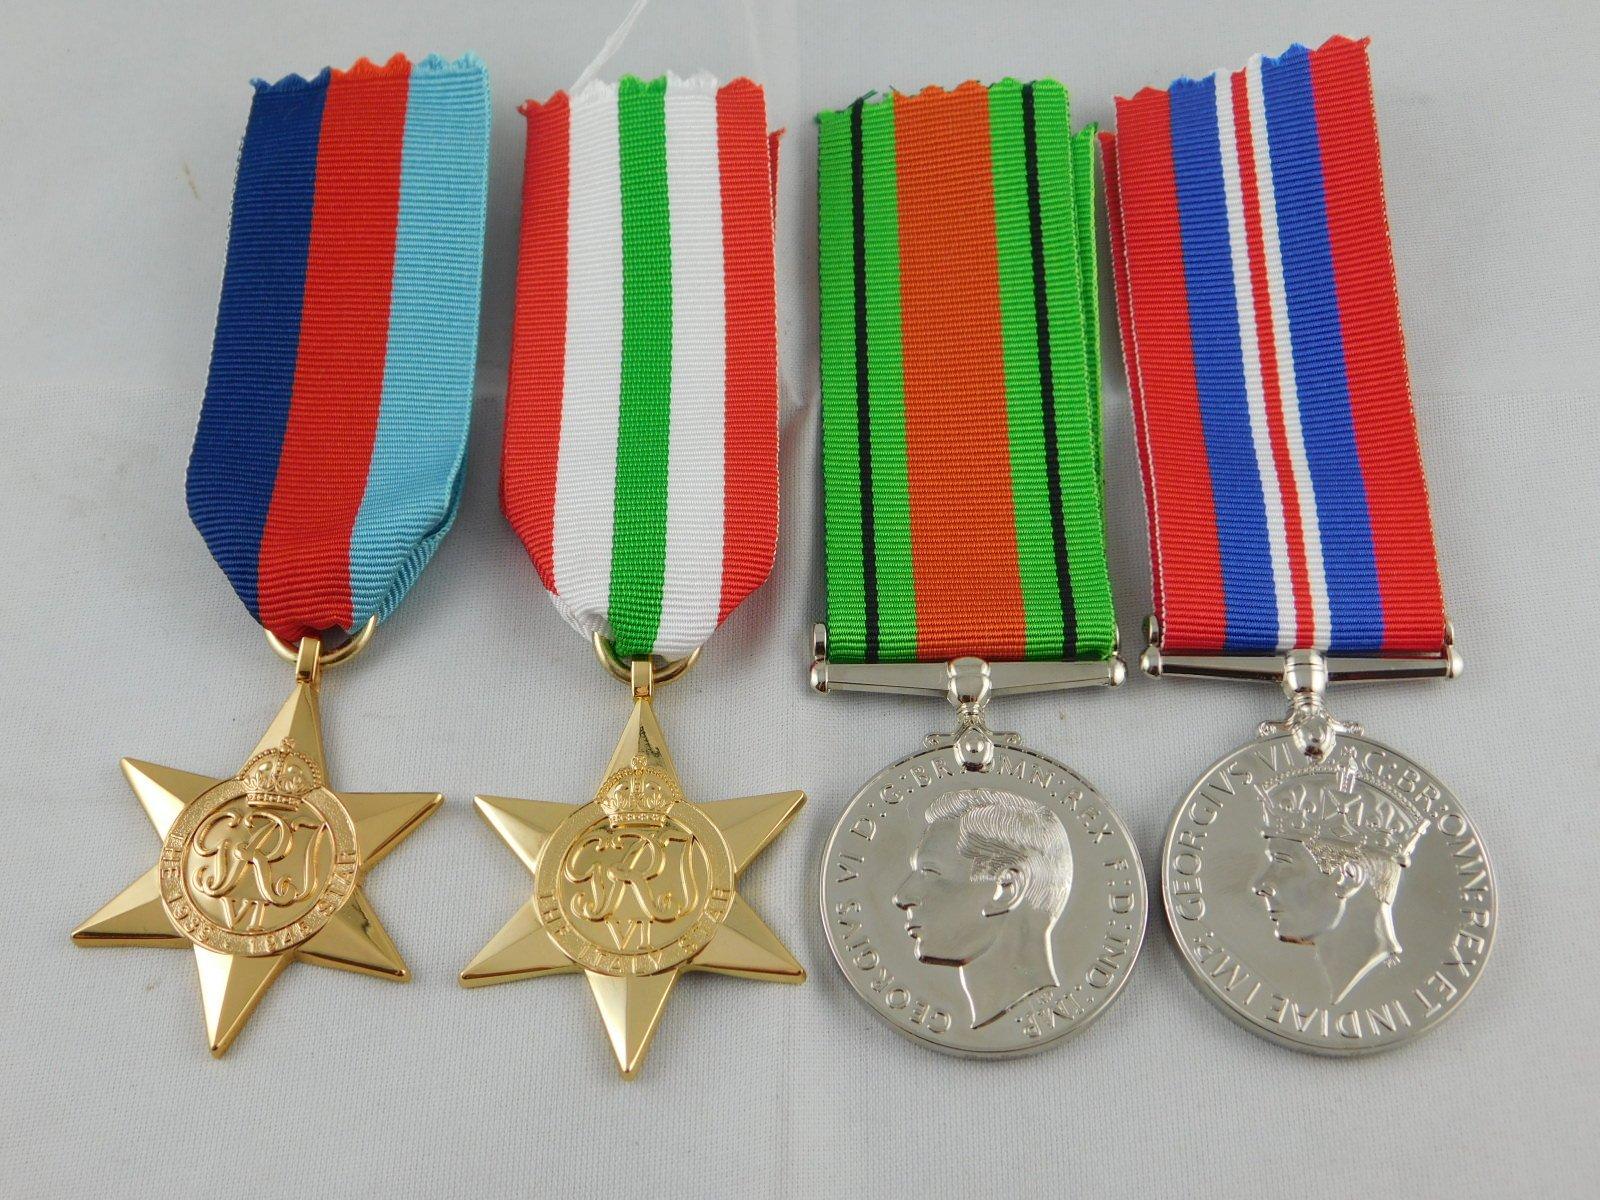 LENA: Replica medals nz